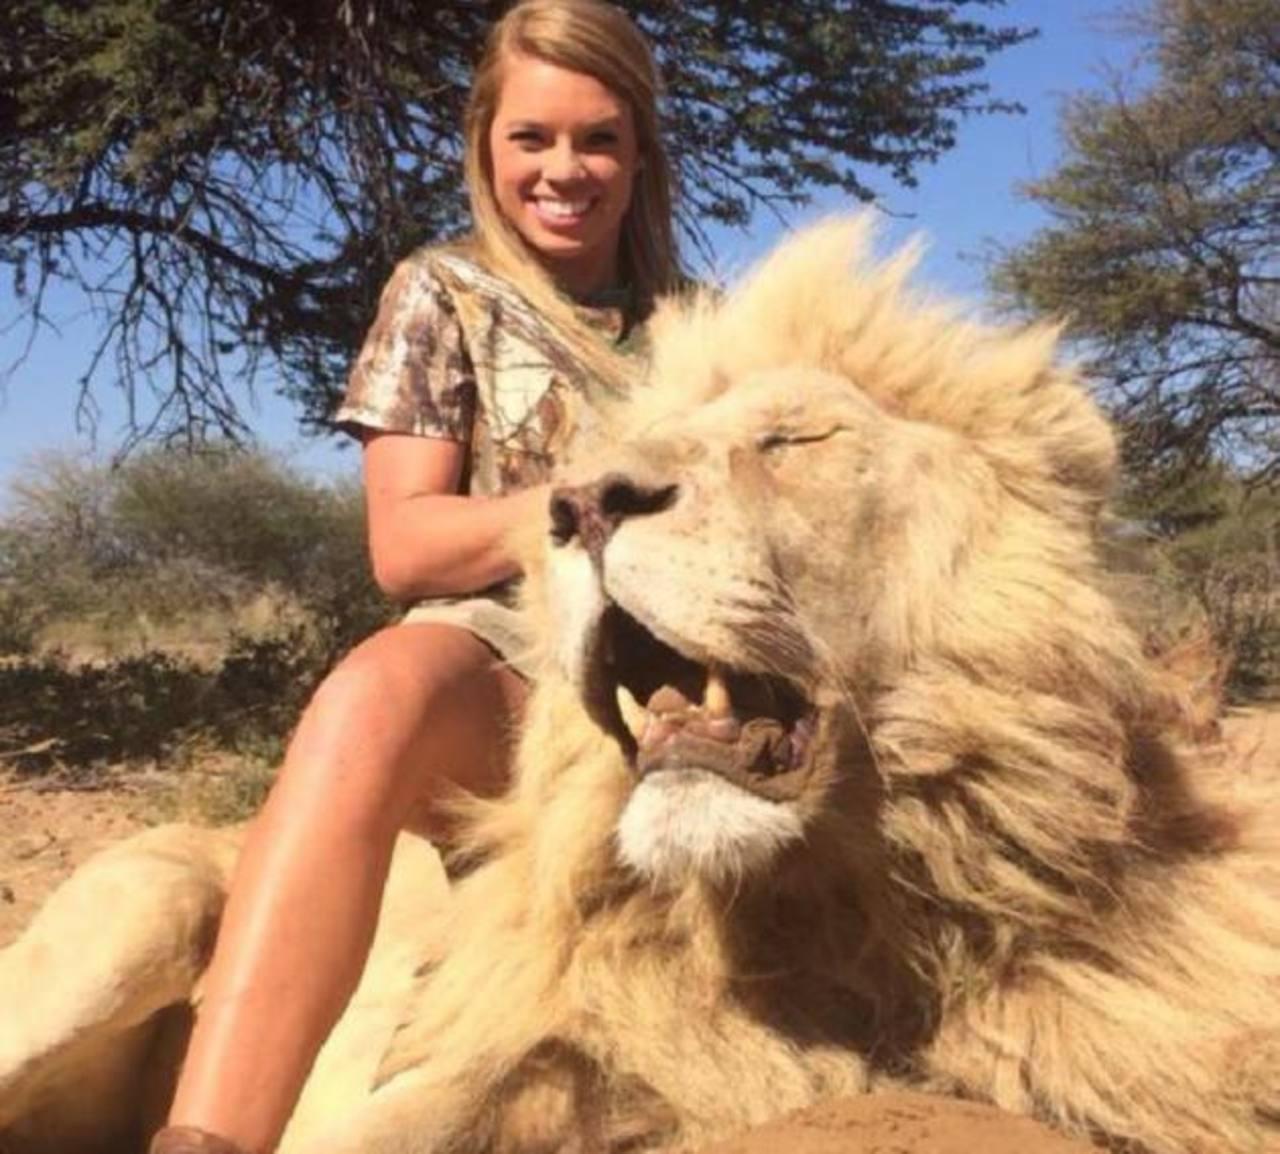 Chica mata animales y publica las fotos en redes sociales